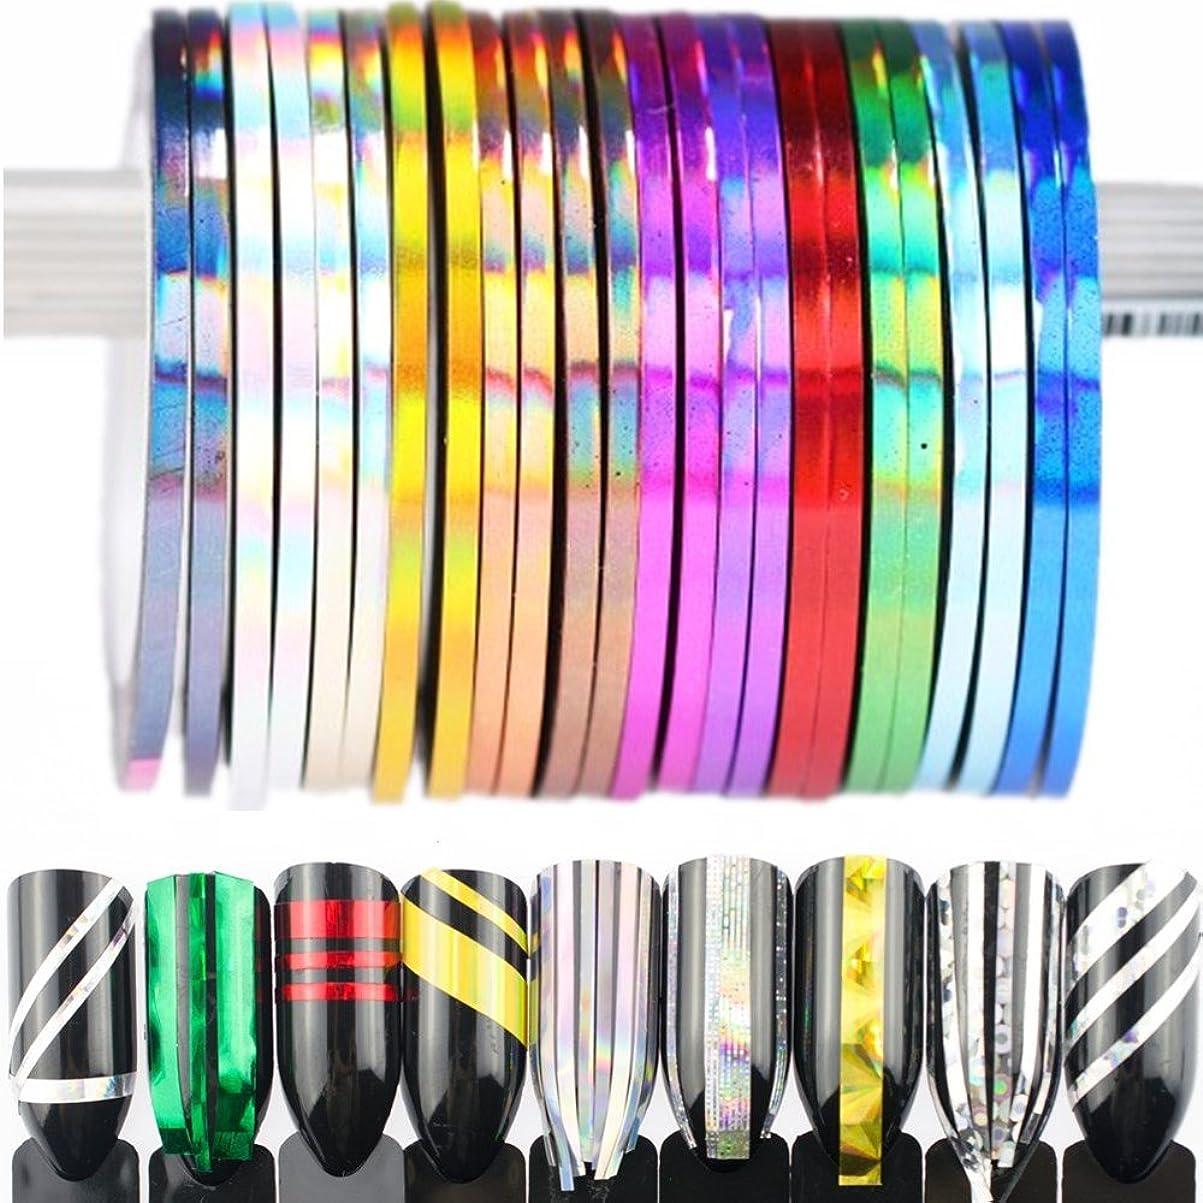 ブラウズパウダー会話BlueZOO (ブルーズー) レーザーラインテープ 幅0.8mm/2mm/3mm ジェルネイルアート用品 輝き ゴールド シルバー フレンチ ライン テープ ネイルシール ストライピングテープ 爪 アクセサリー